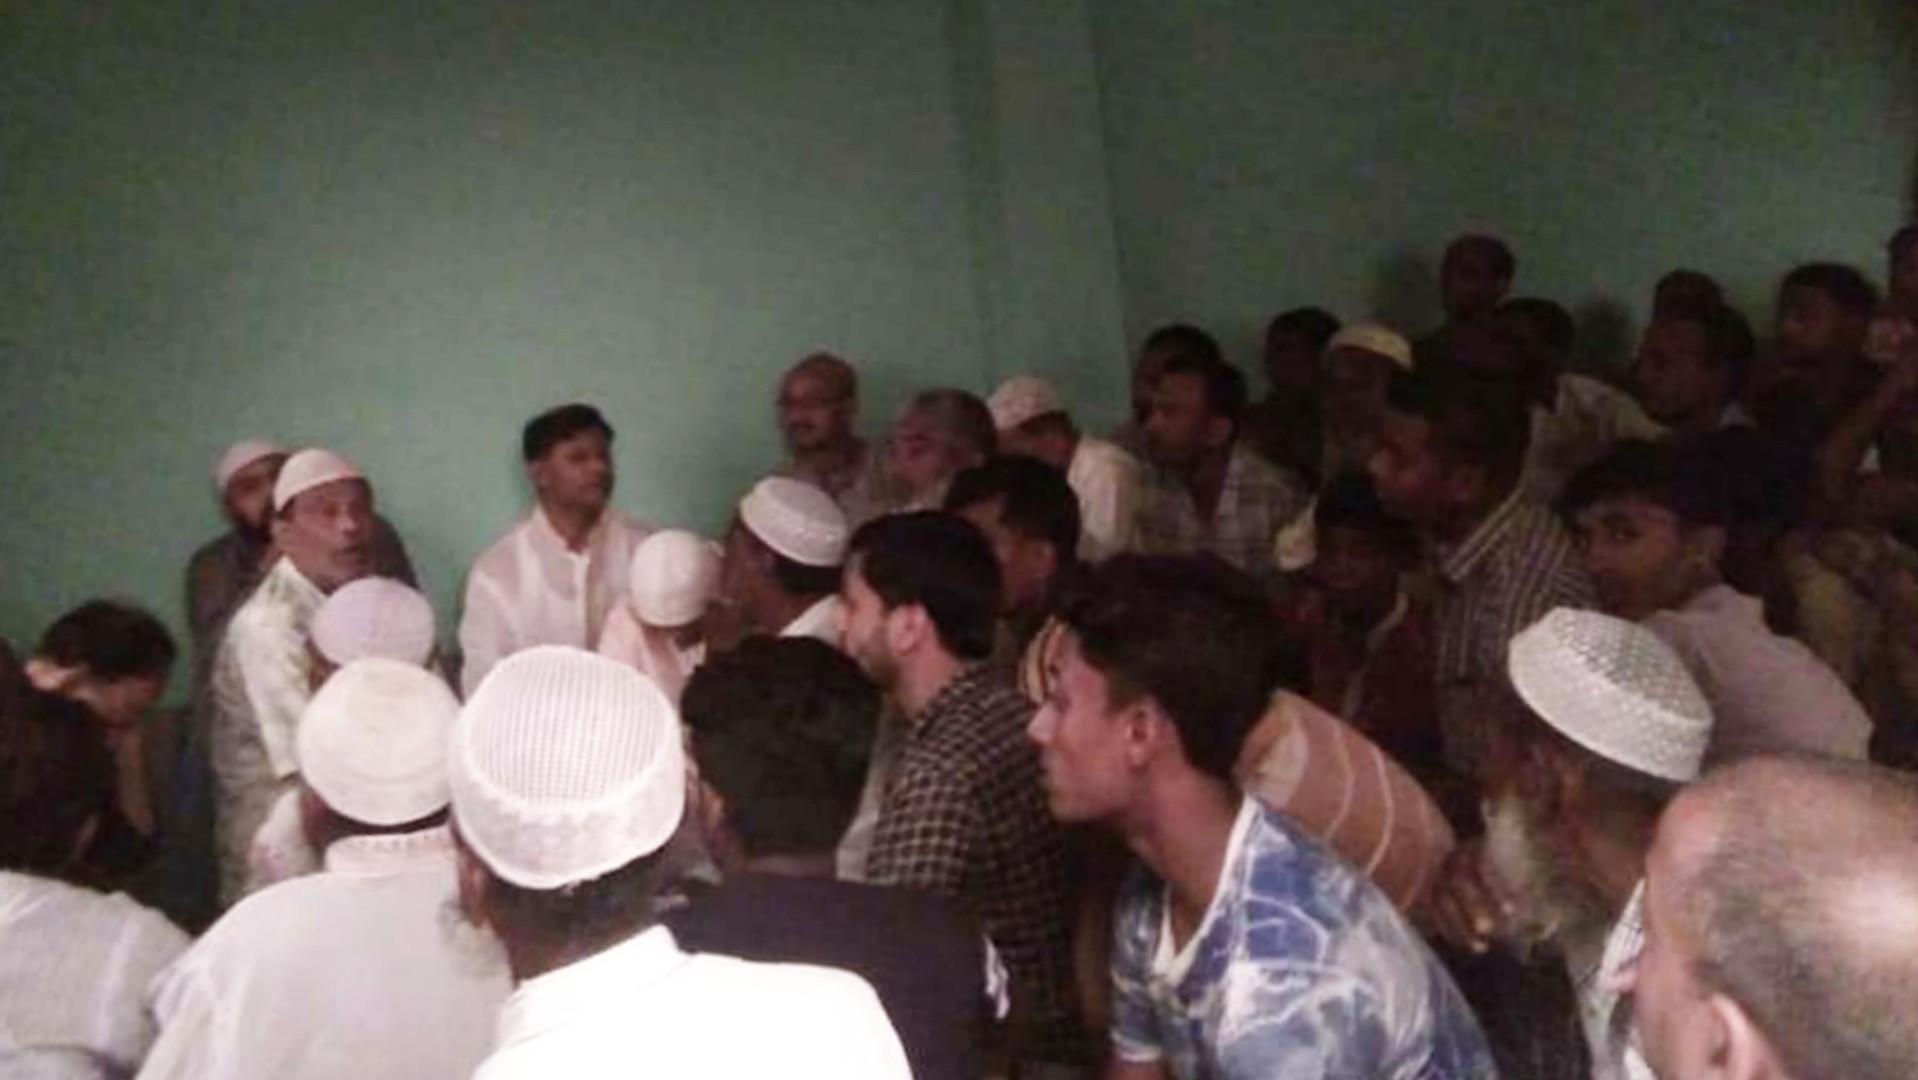 খোর্দ্দবলাইন সাংগঠনিক ইউপি'র ইফতার মাহফিল